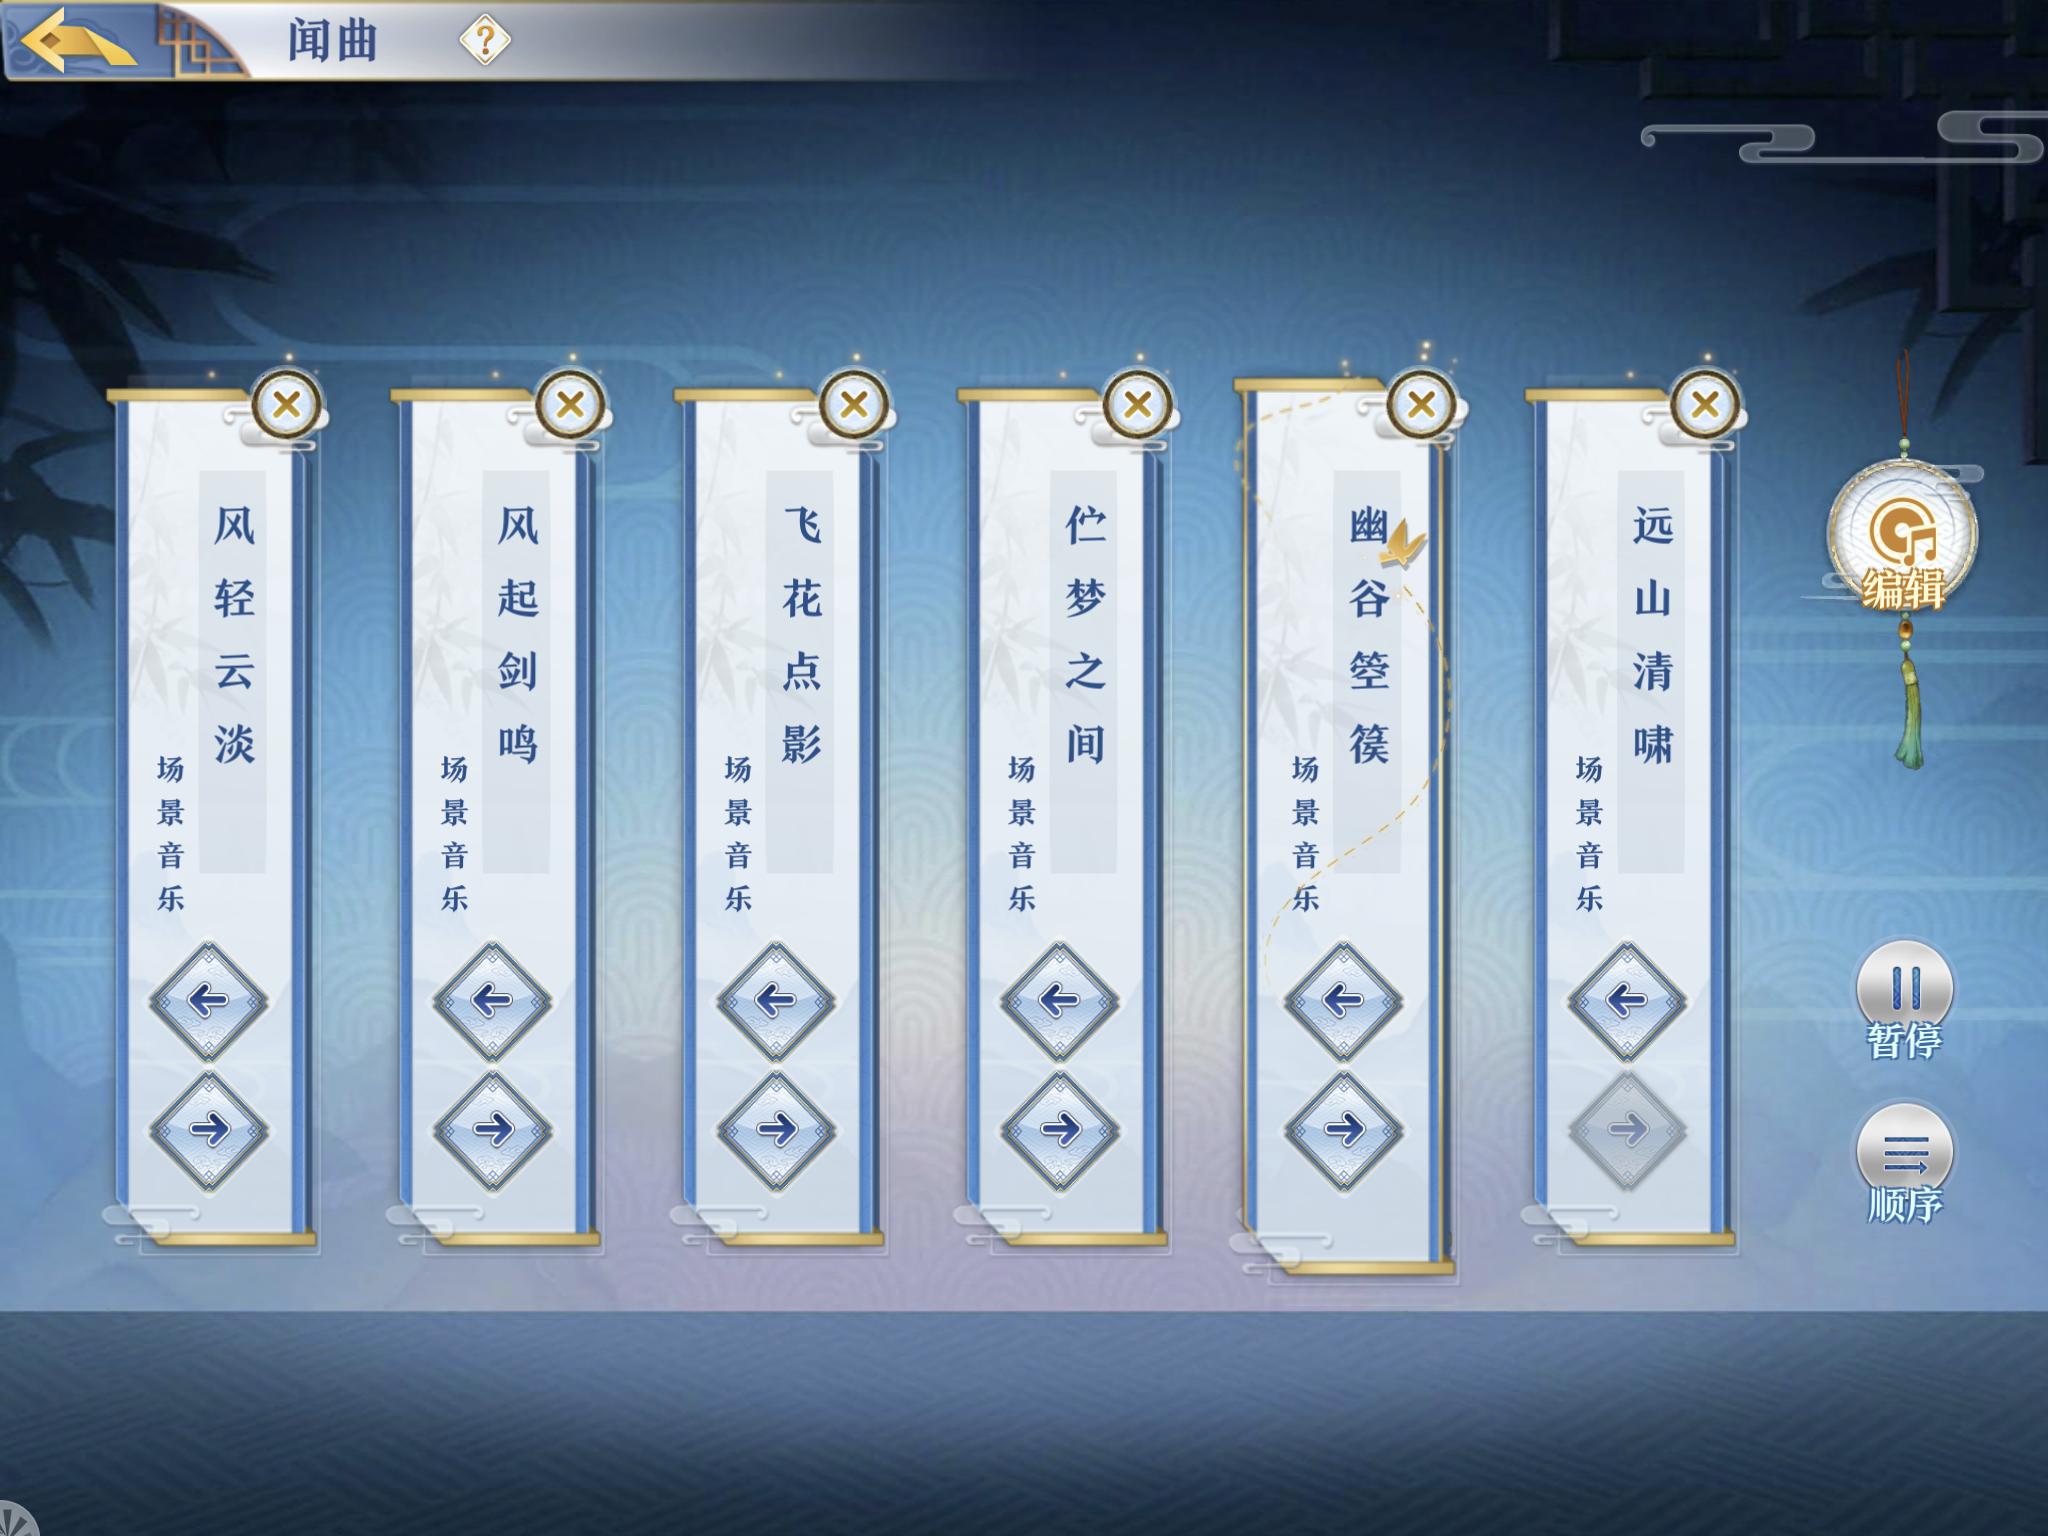 《梦间集》星罗棋布版本更新说明-2.png